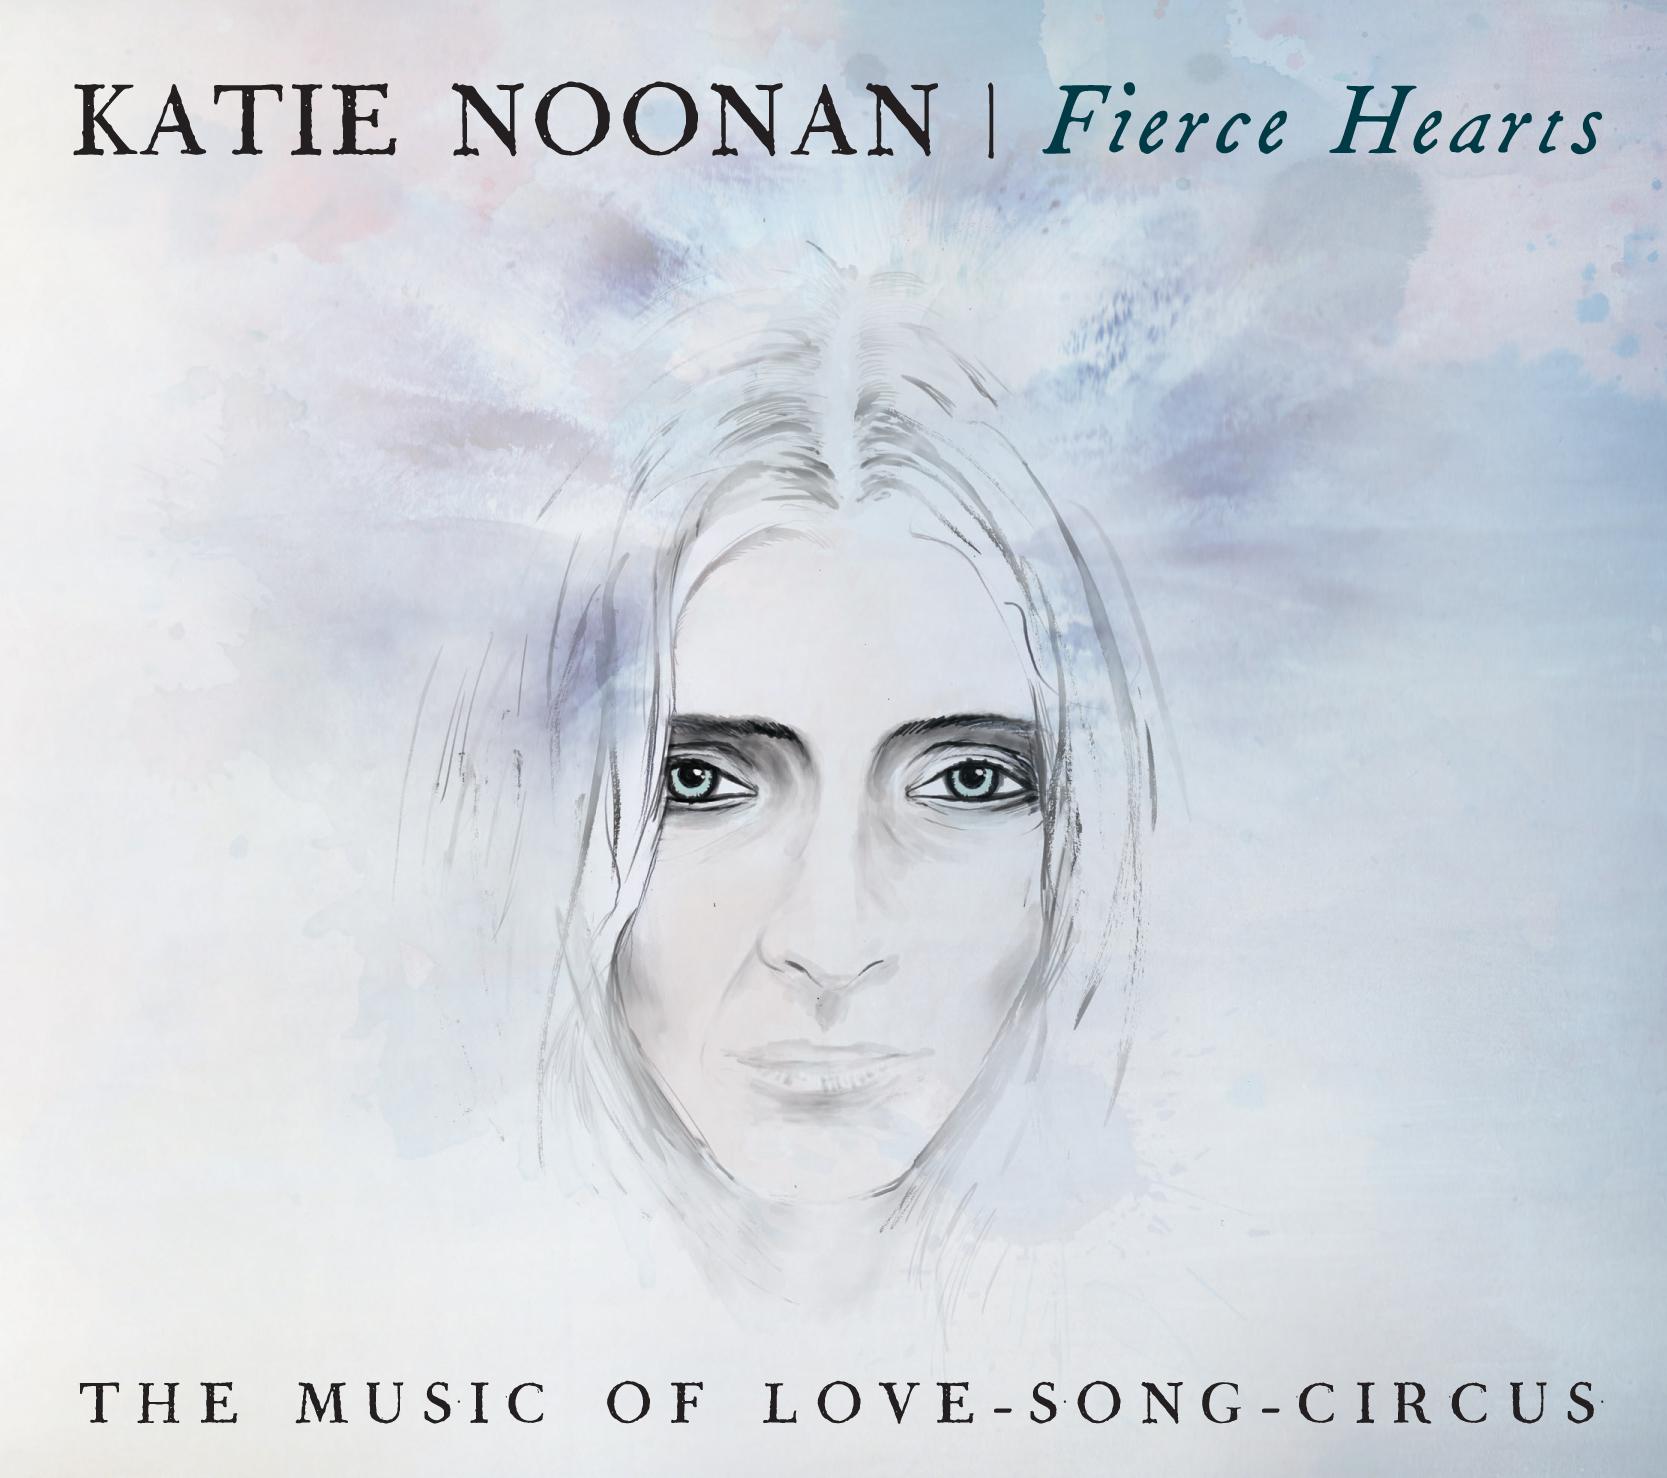 katie noonan music love song circus.jpg